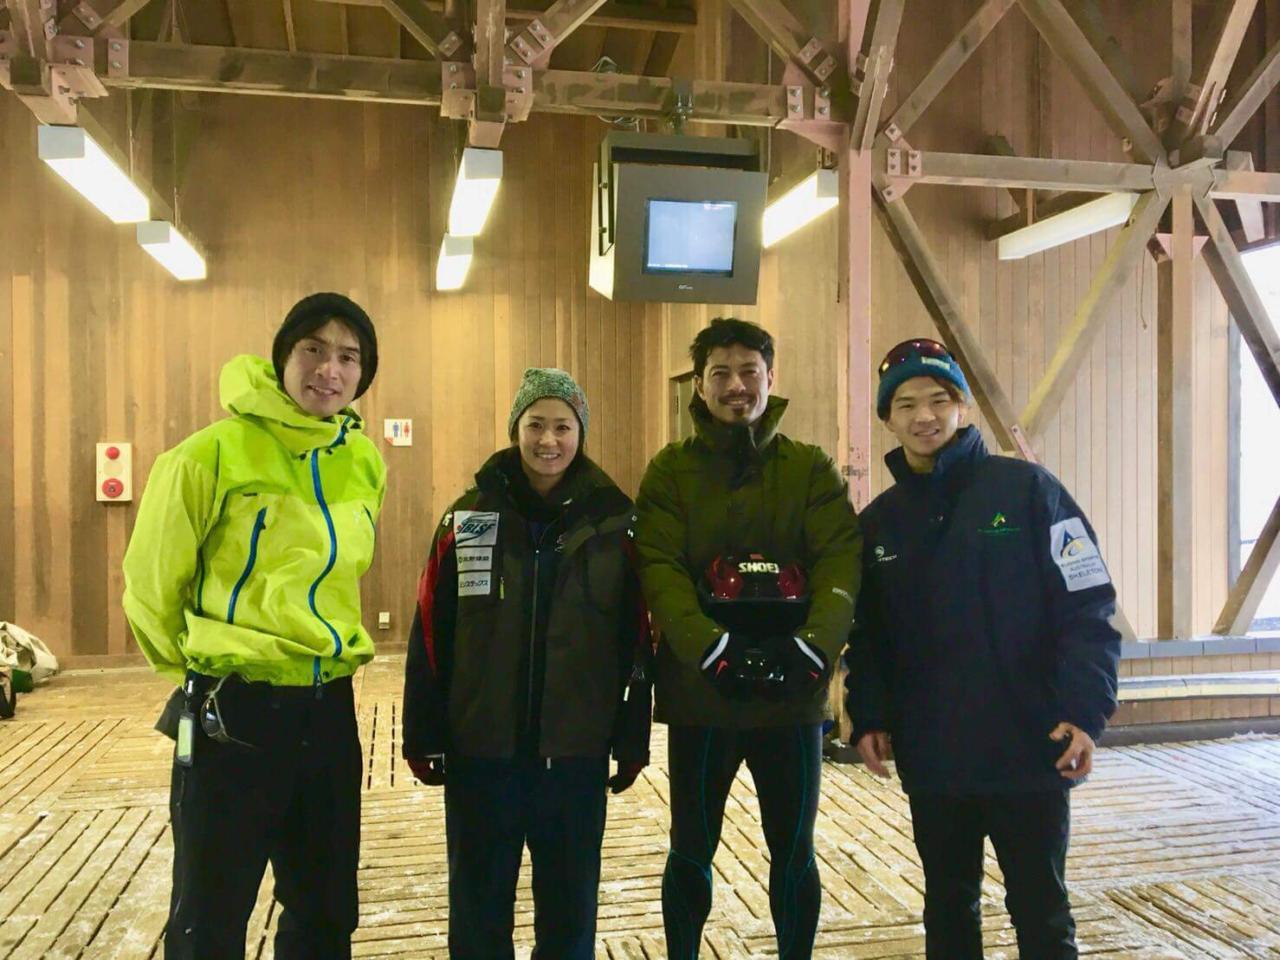 左から横田、小口貴子選手、鈴木、スパイラル医科学スタッフの小林大祐さん